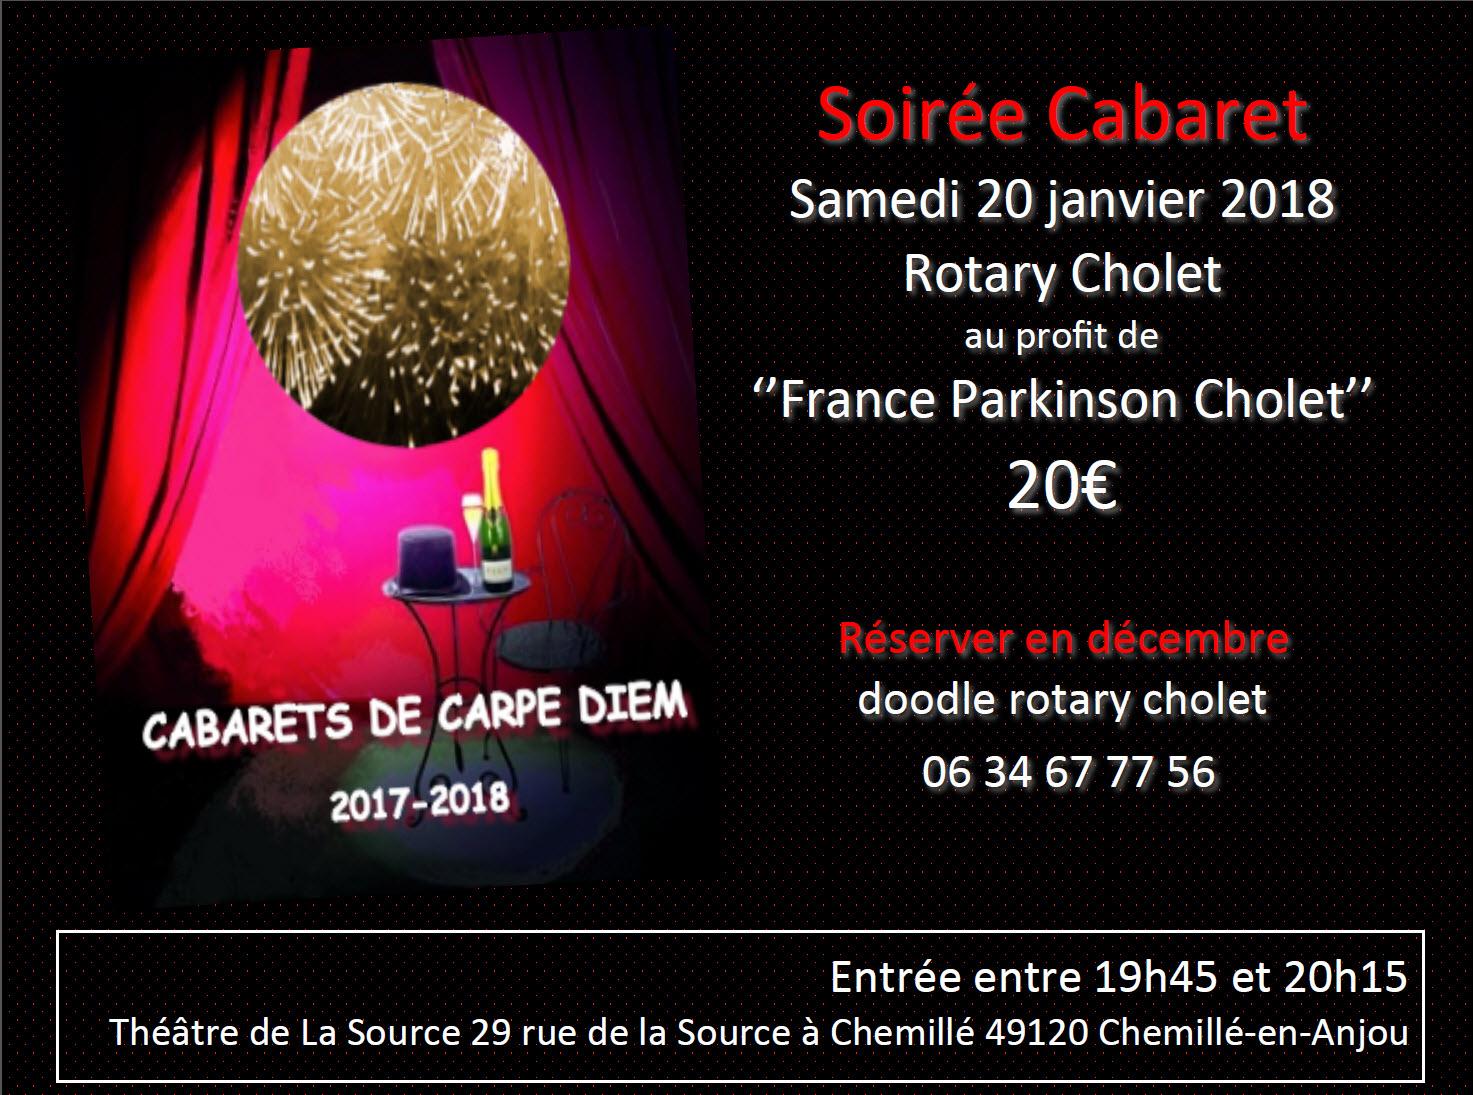 Soirée Cabaret